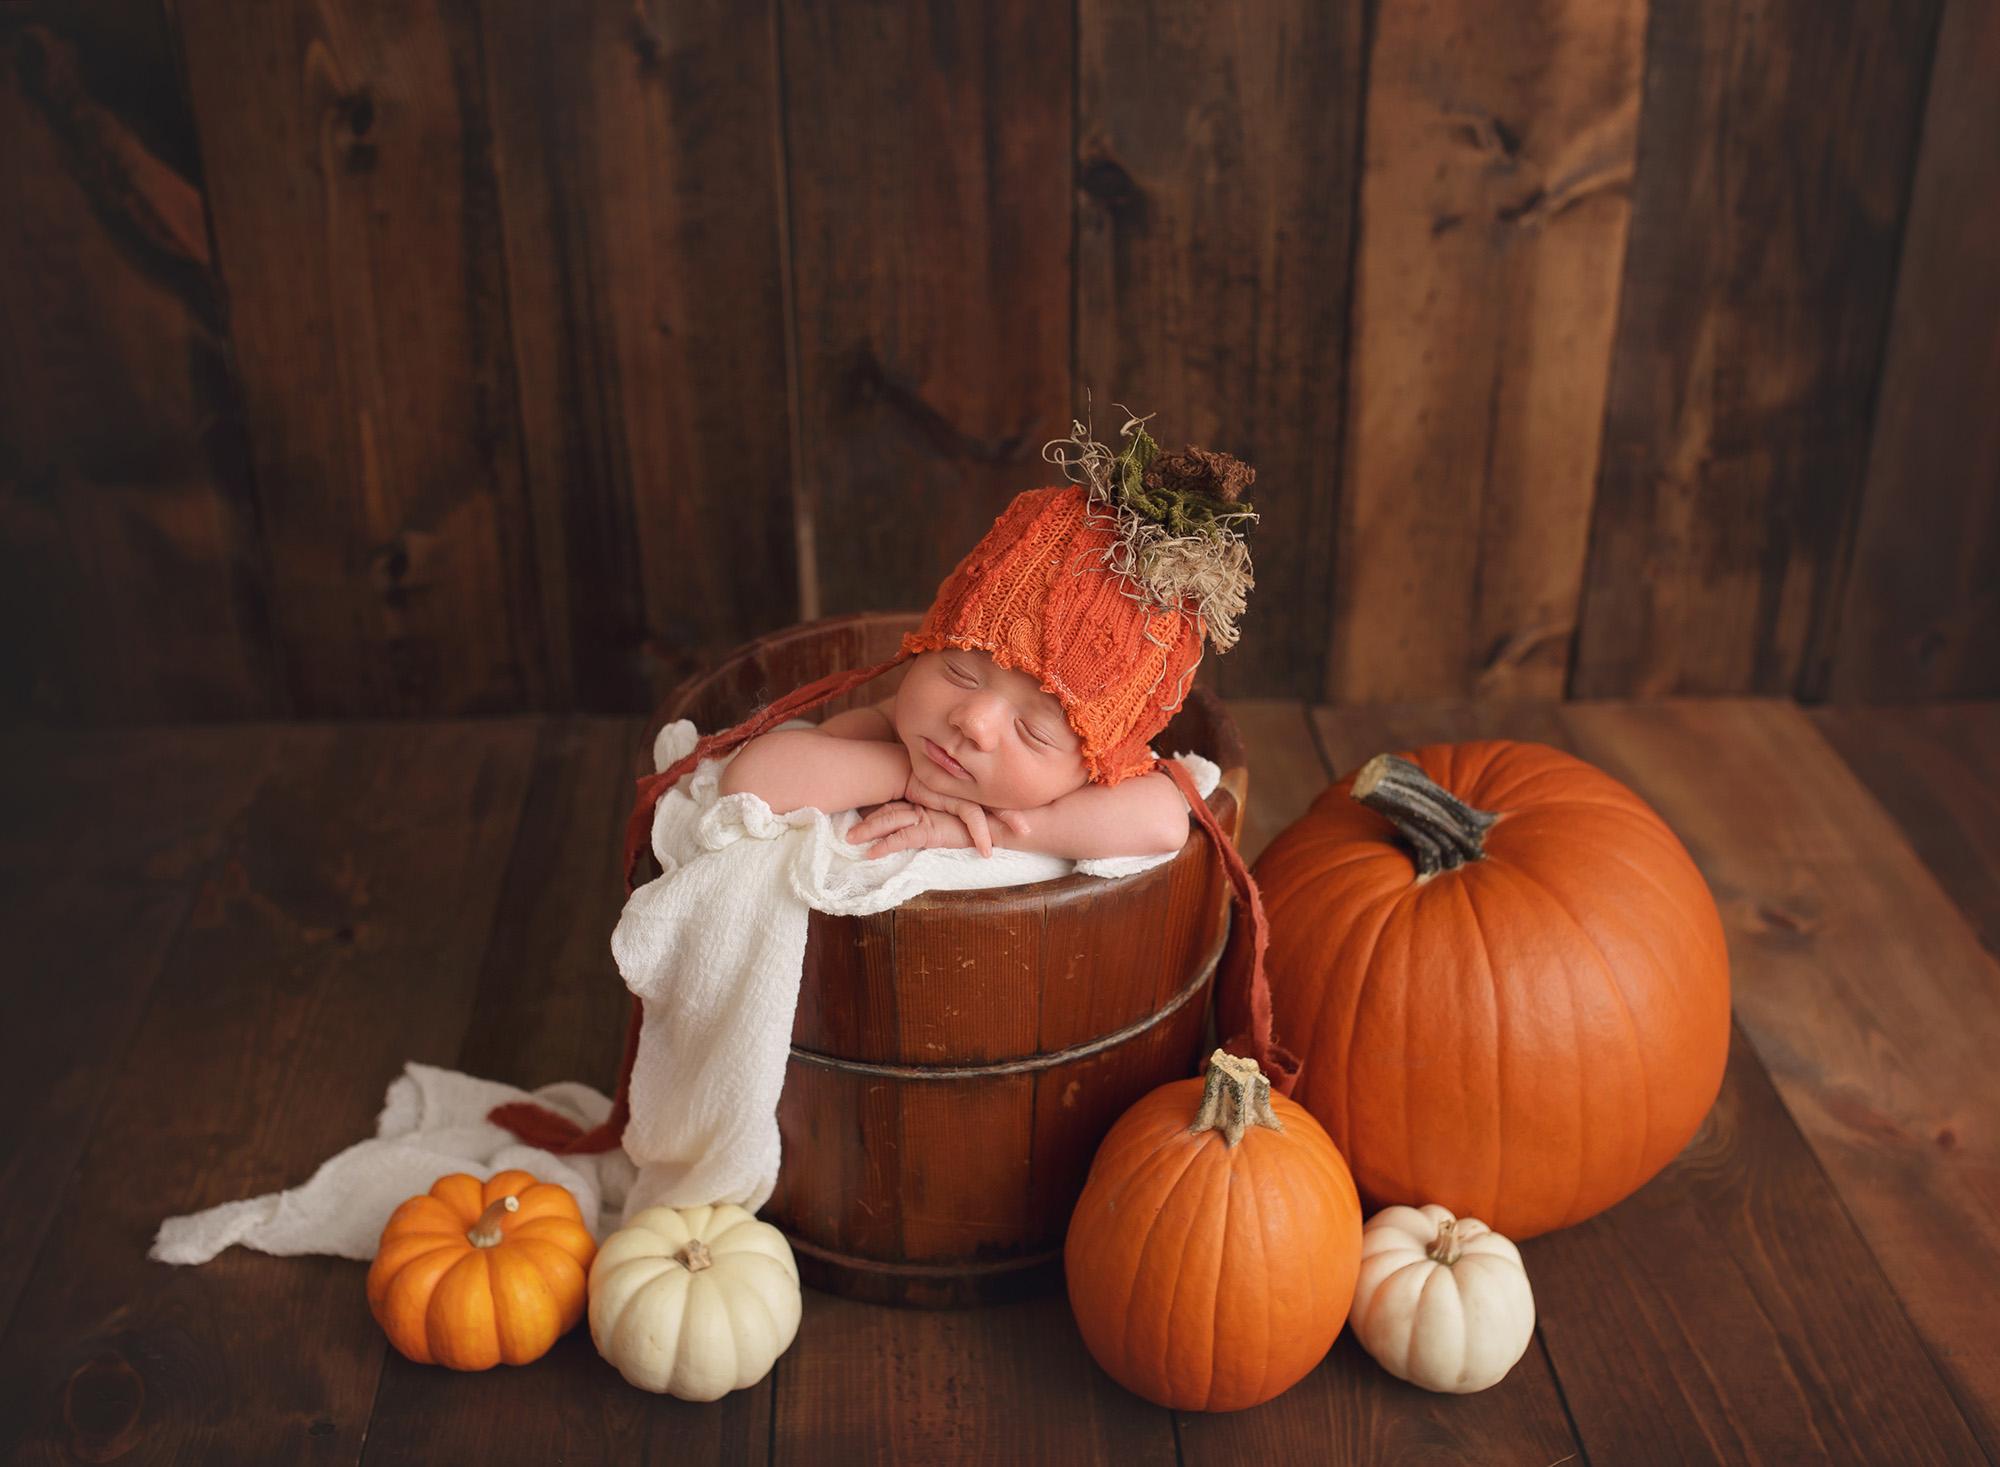 Bí đỏ bảo vệ trẻ sơ sinh khỏi bệnh tật